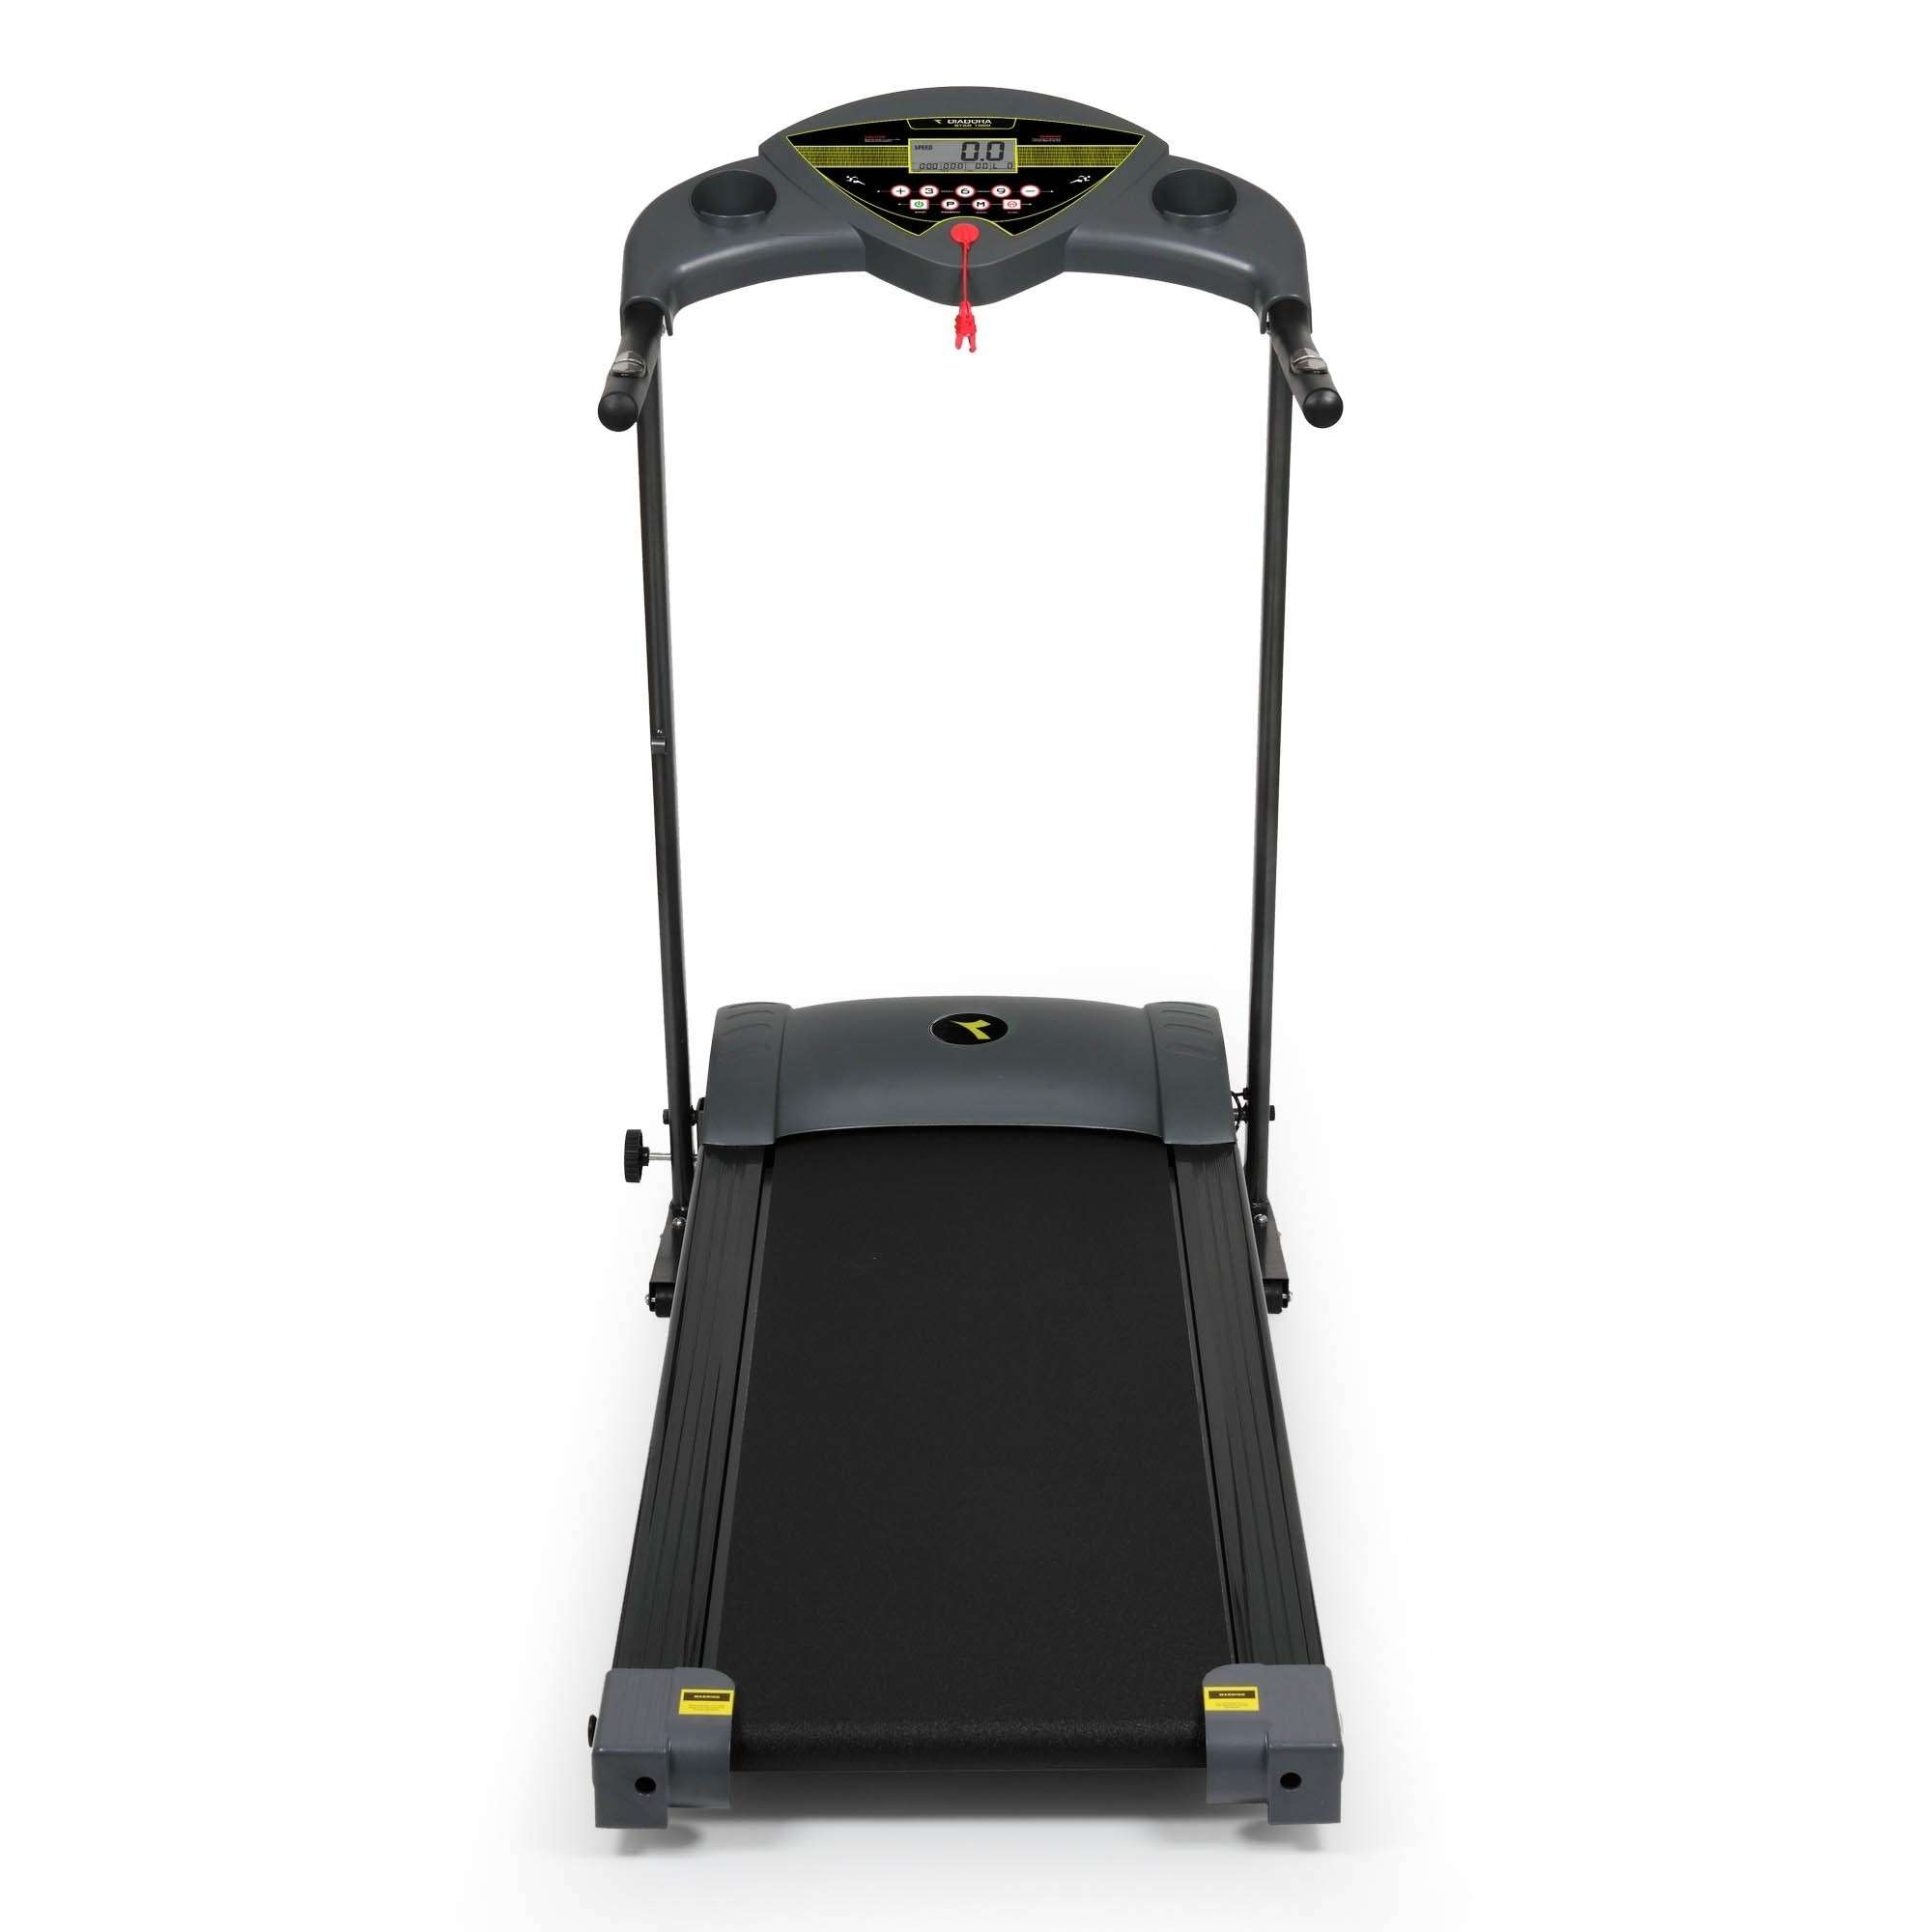 miglior tapis roulant elettrico: diadora star 1000